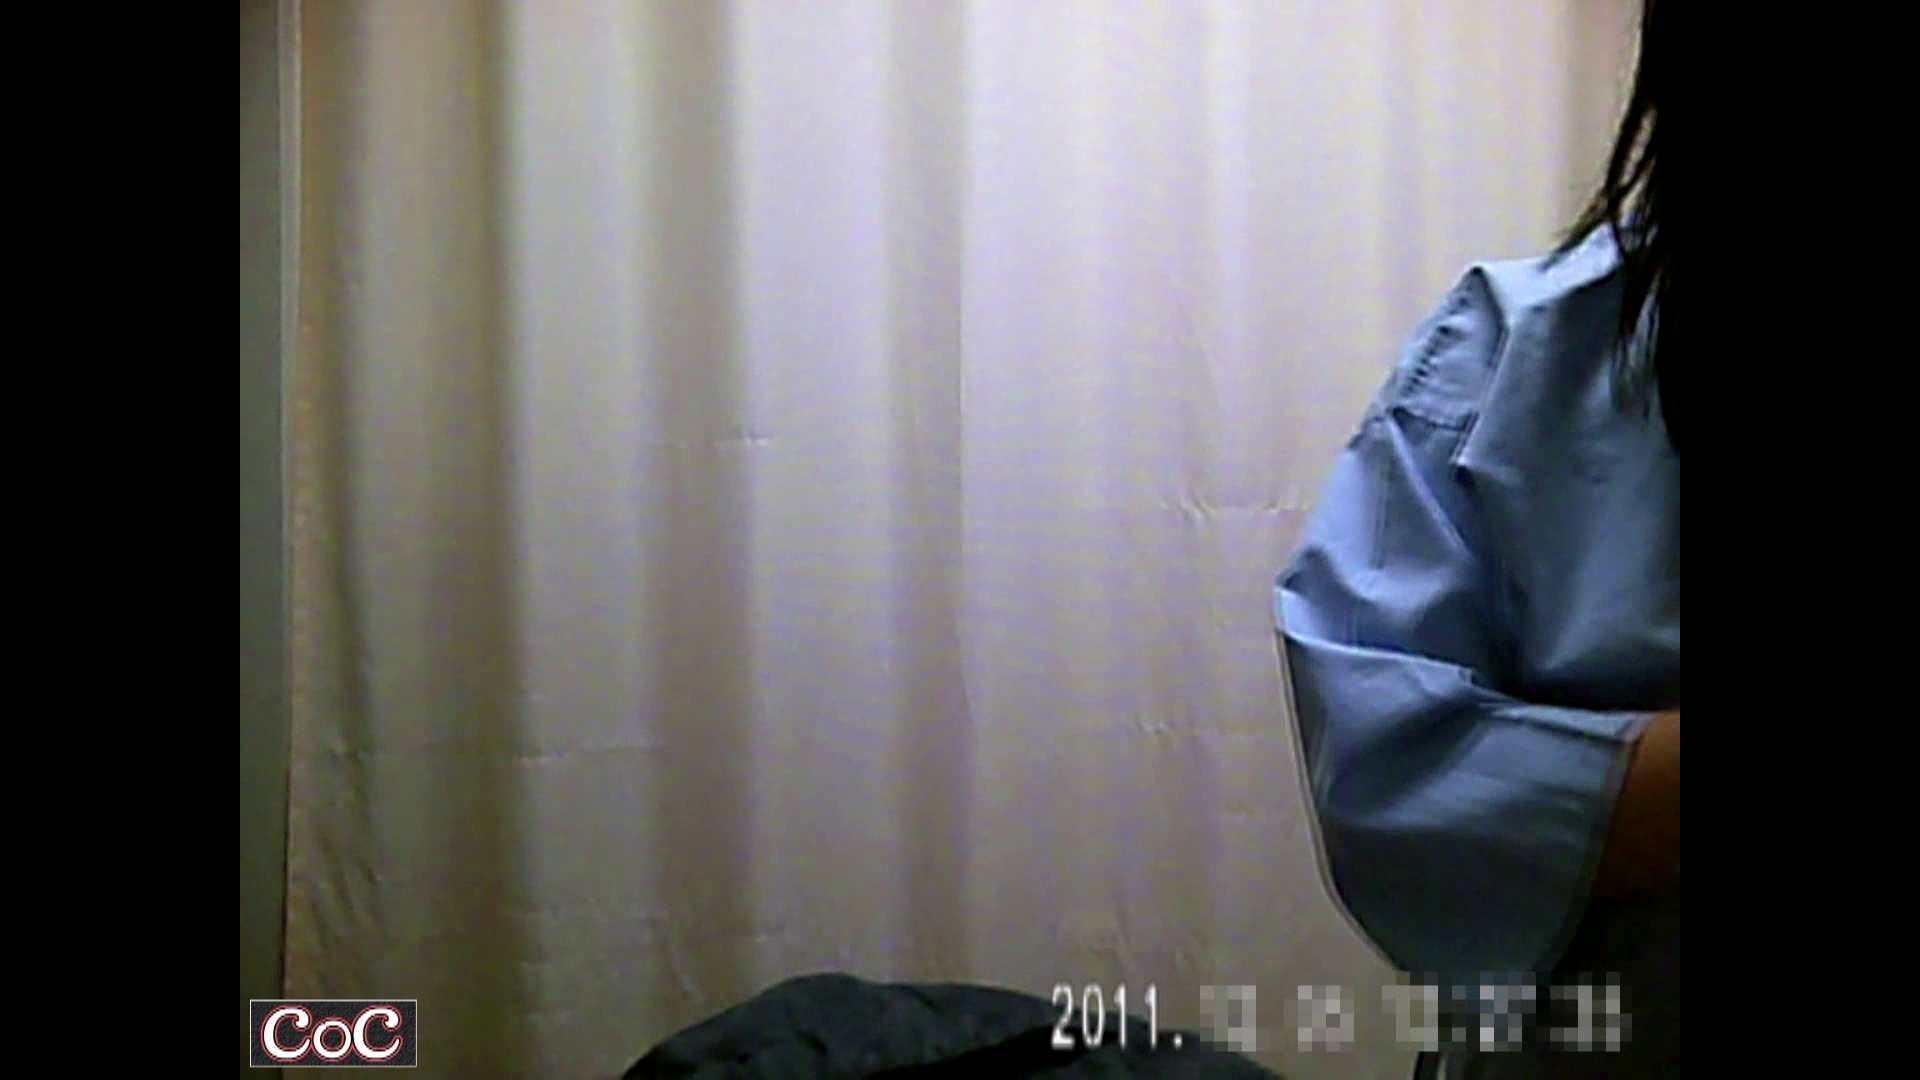 元医者による反抗 更衣室地獄絵巻 vol.184 OL  72pic 19